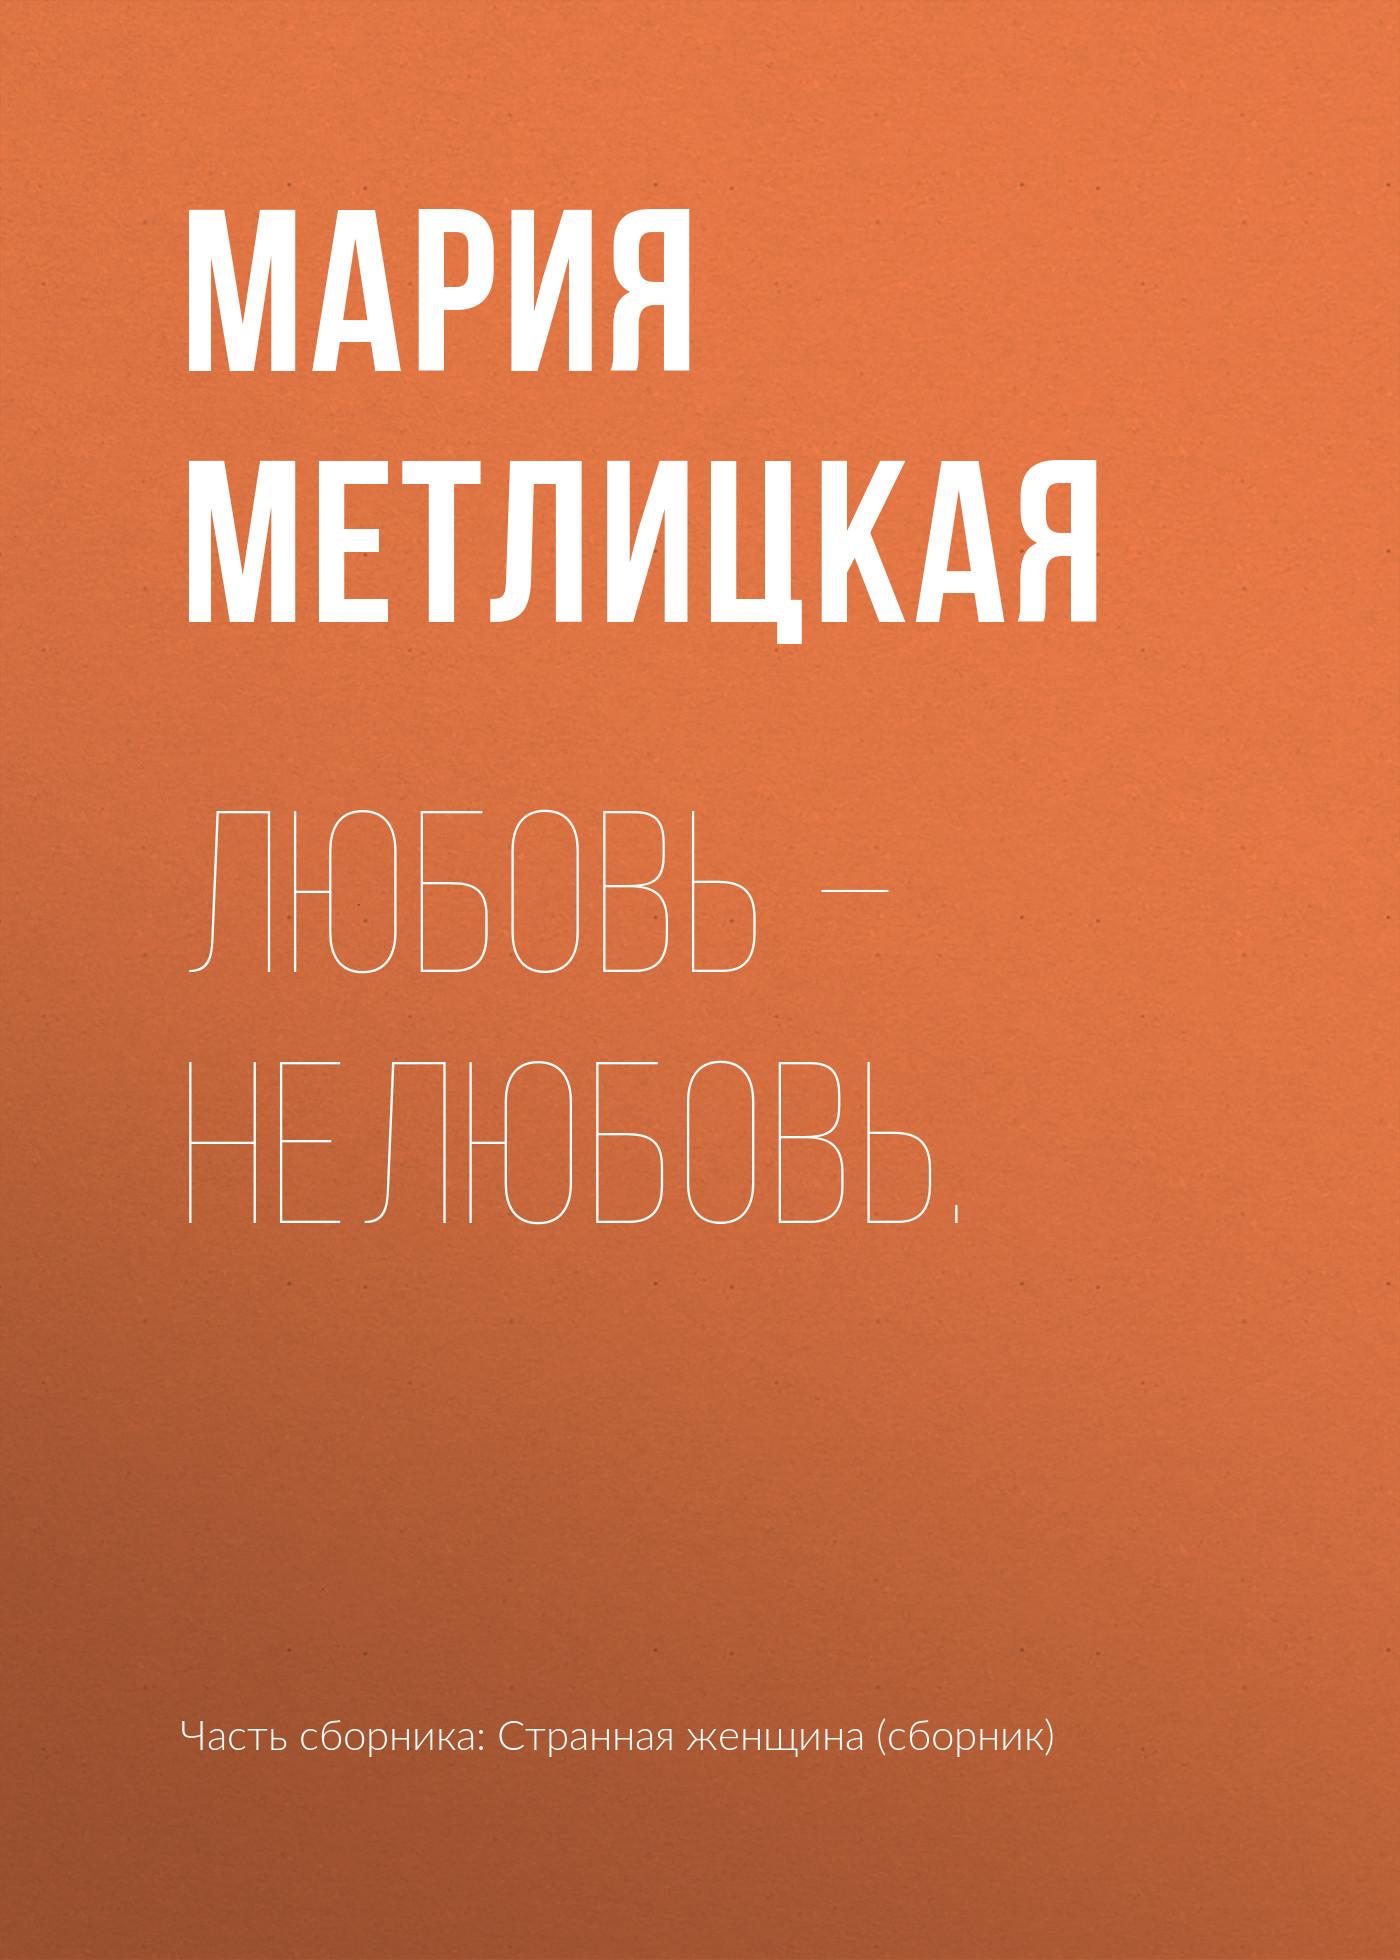 Мария Метлицкая Любовь – нелюбовь.